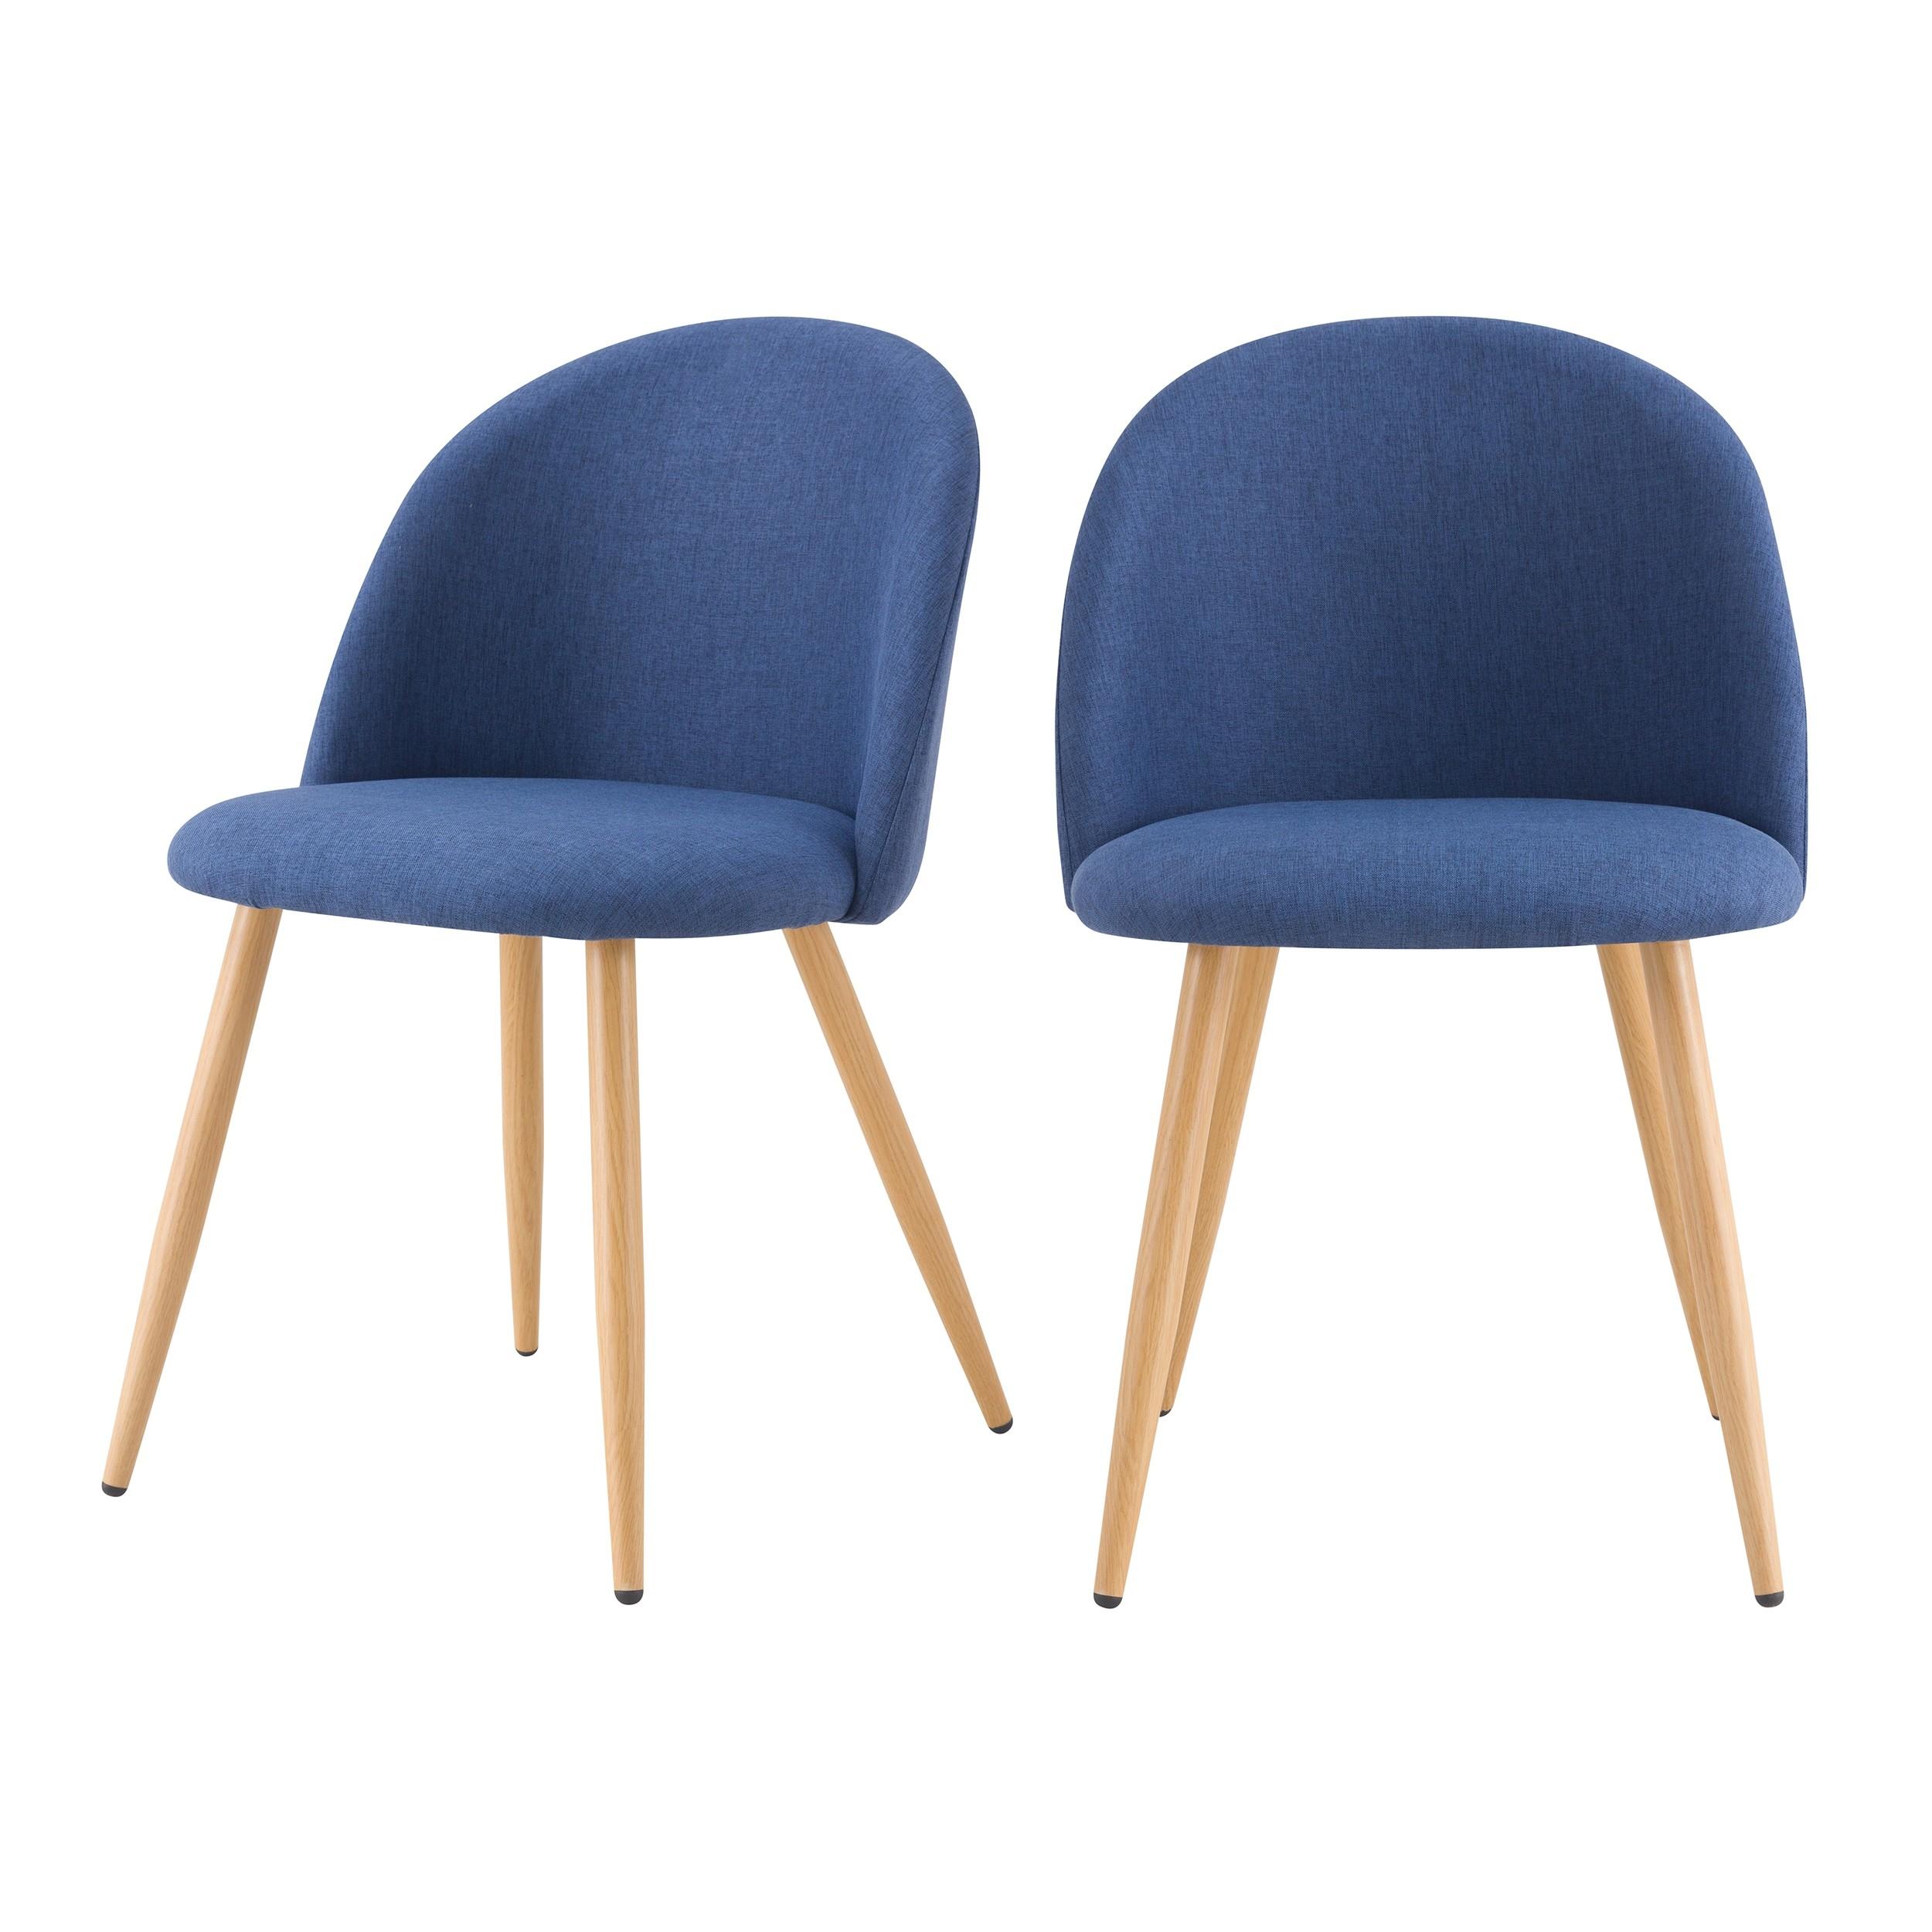 acheter chaise lot de 2 scandinave